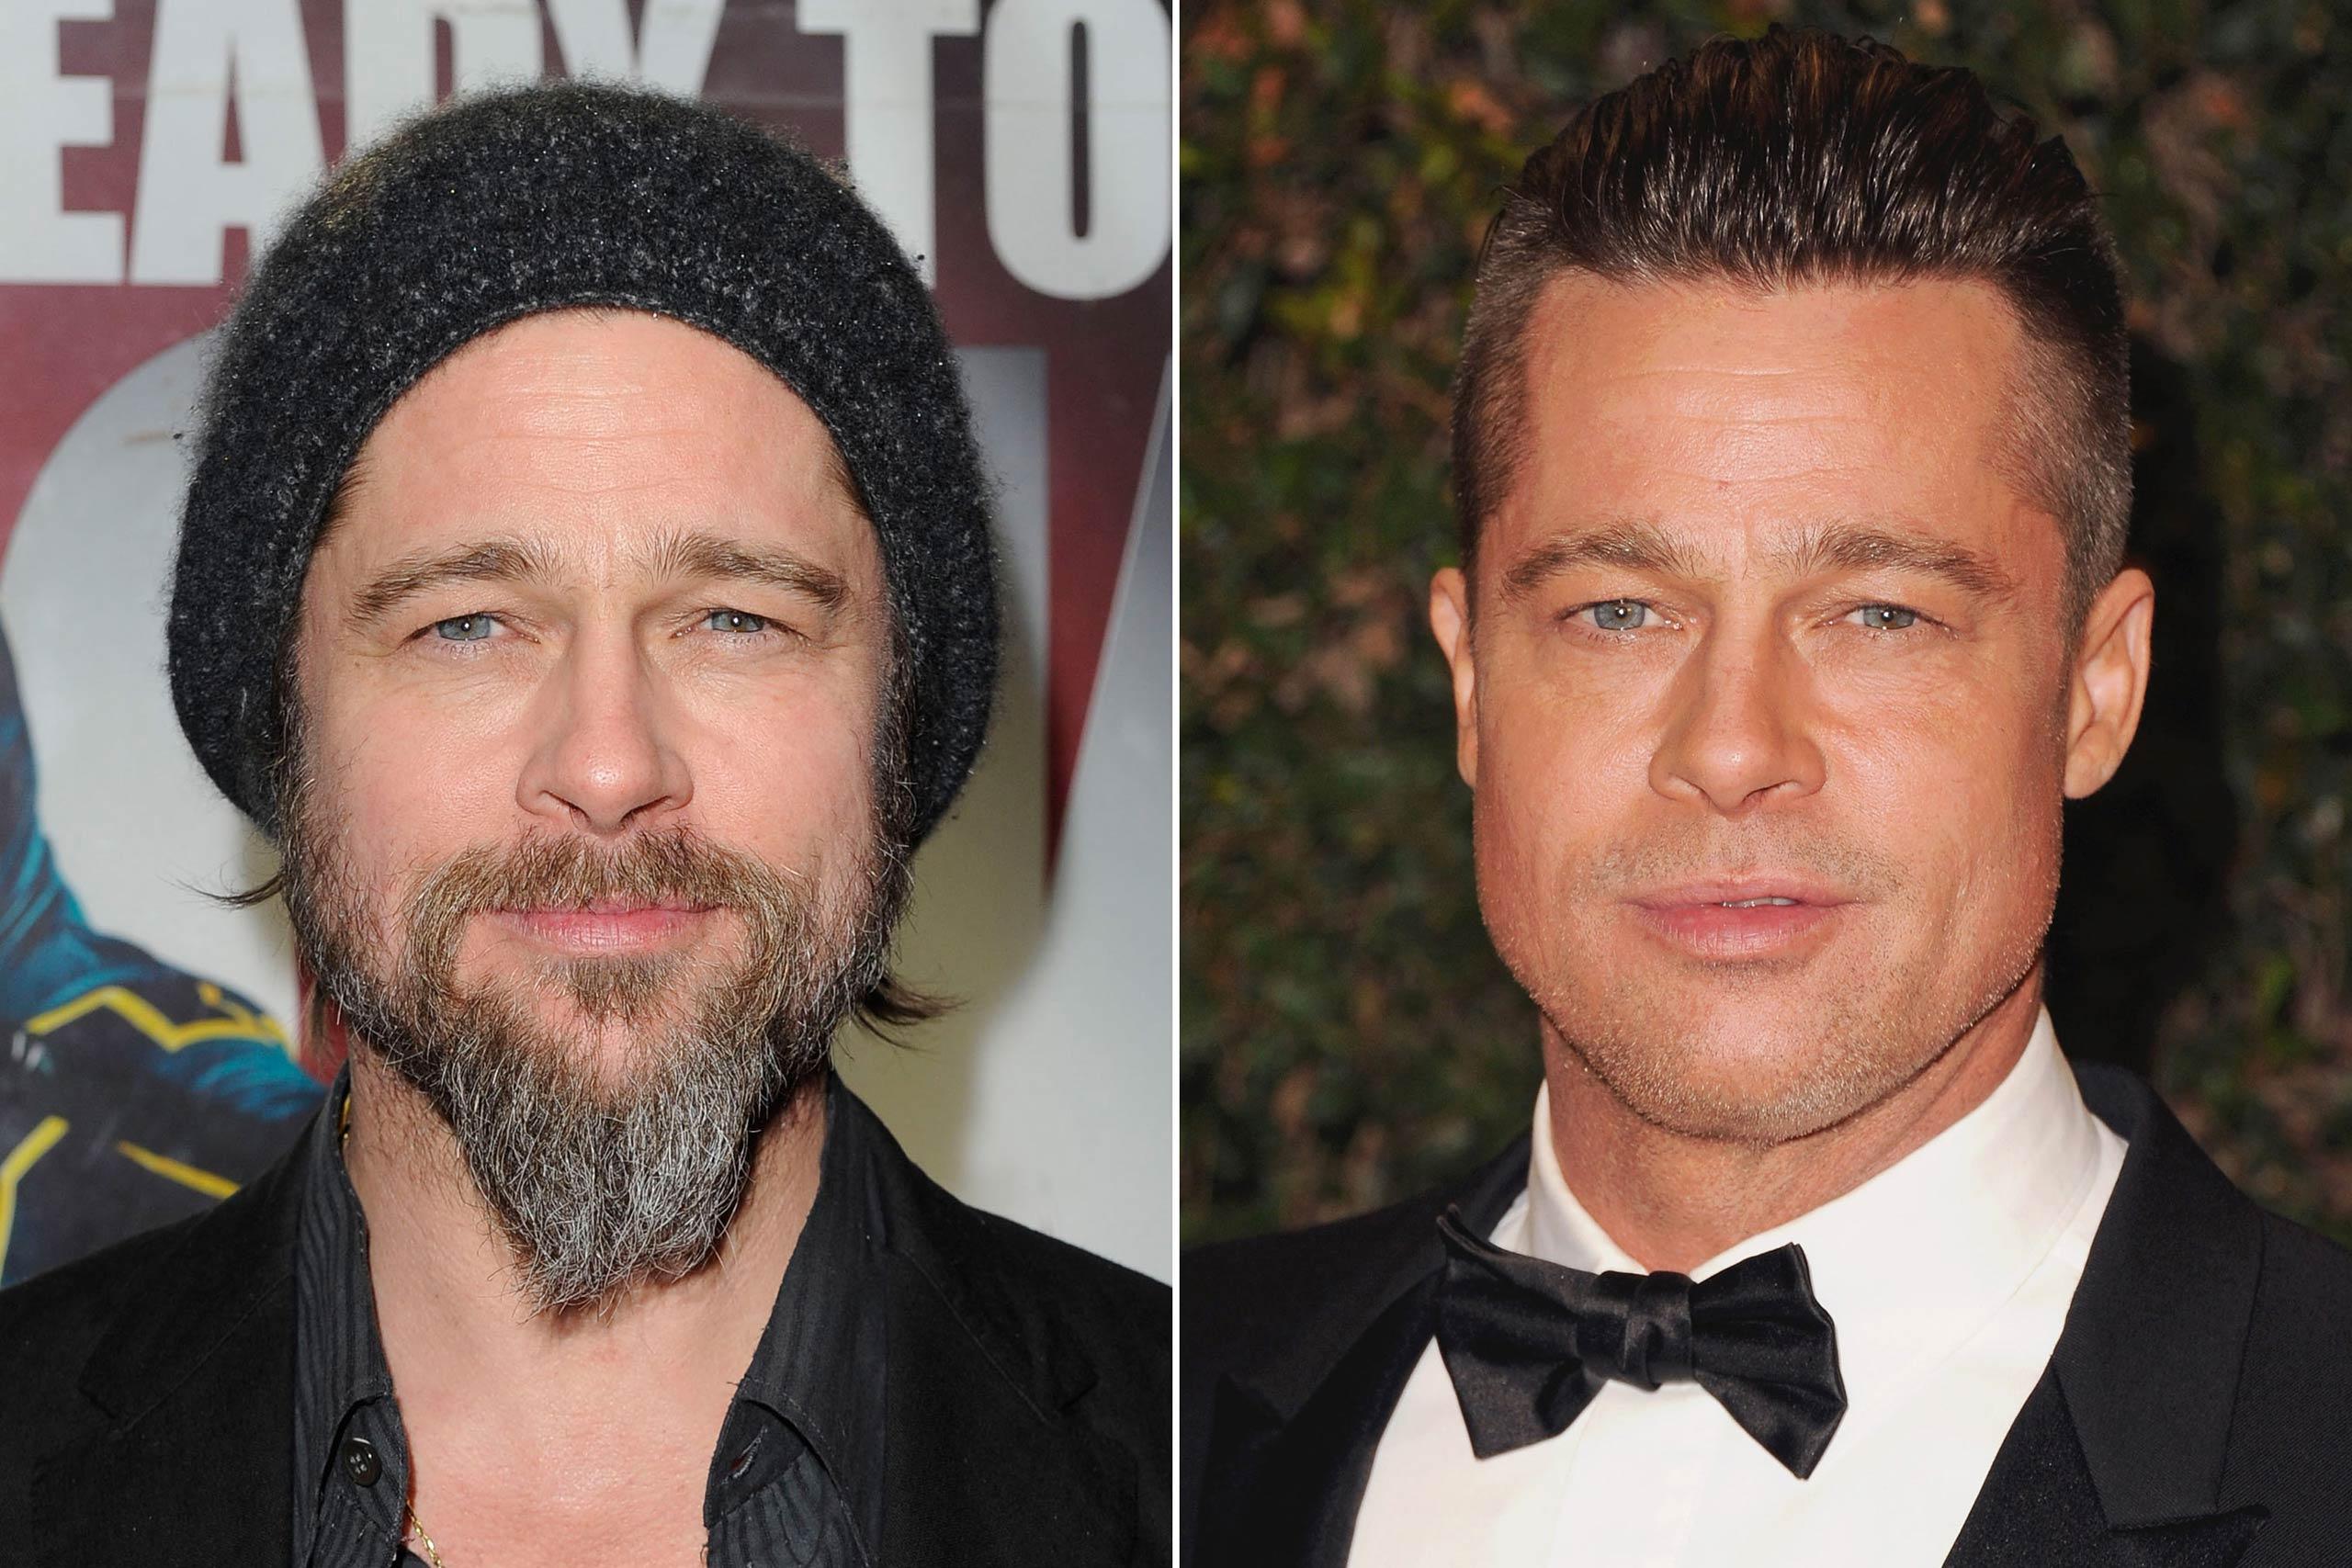 <strong>Brad Pitt</strong>